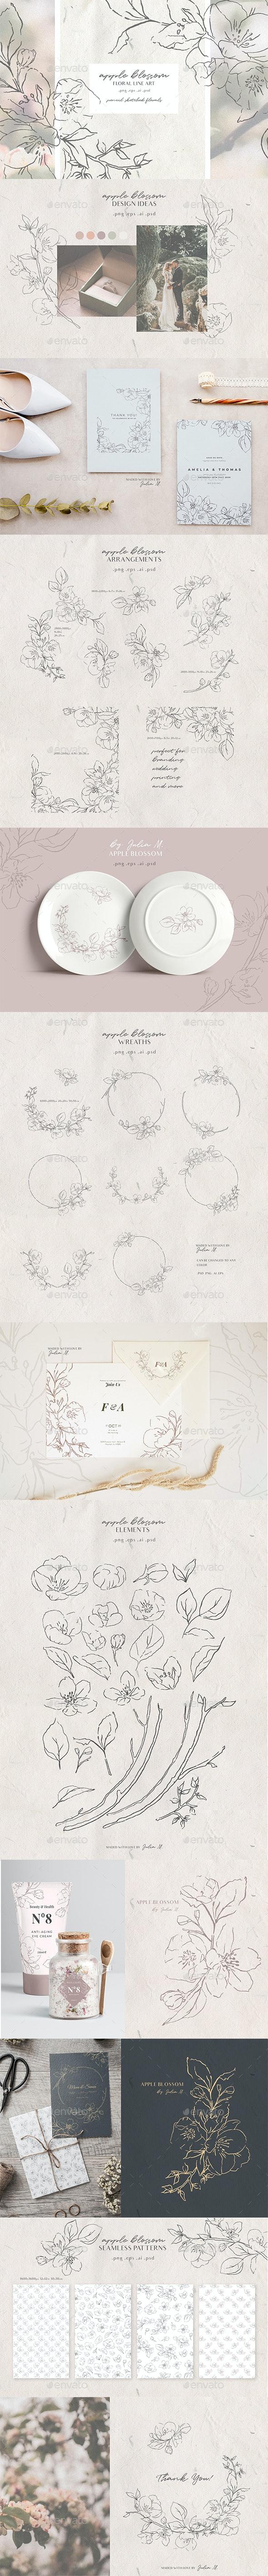 Apple Blossom - Modern Floral Line Art Set - Graphics